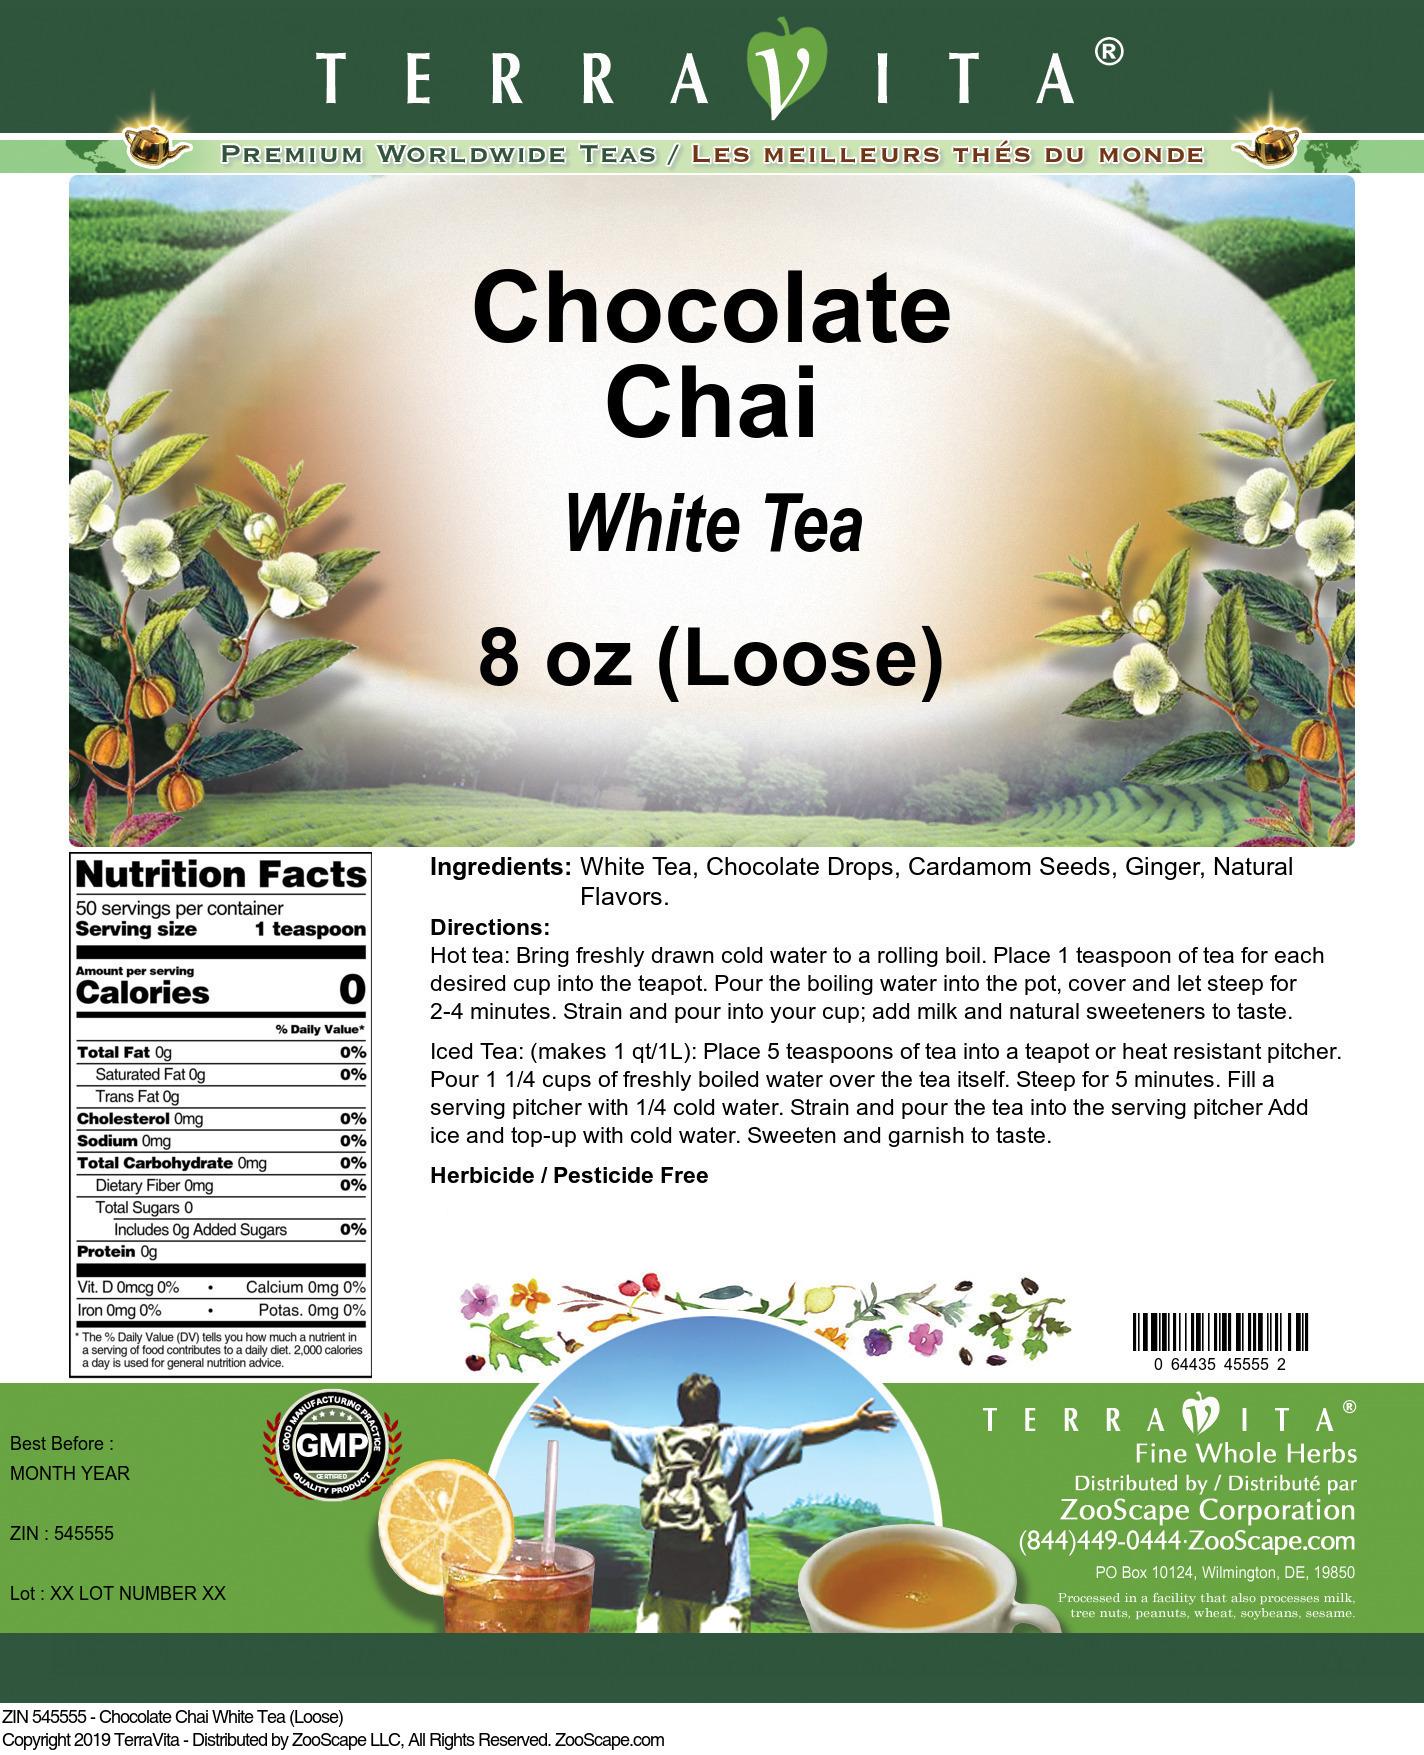 Chocolate Chai White Tea